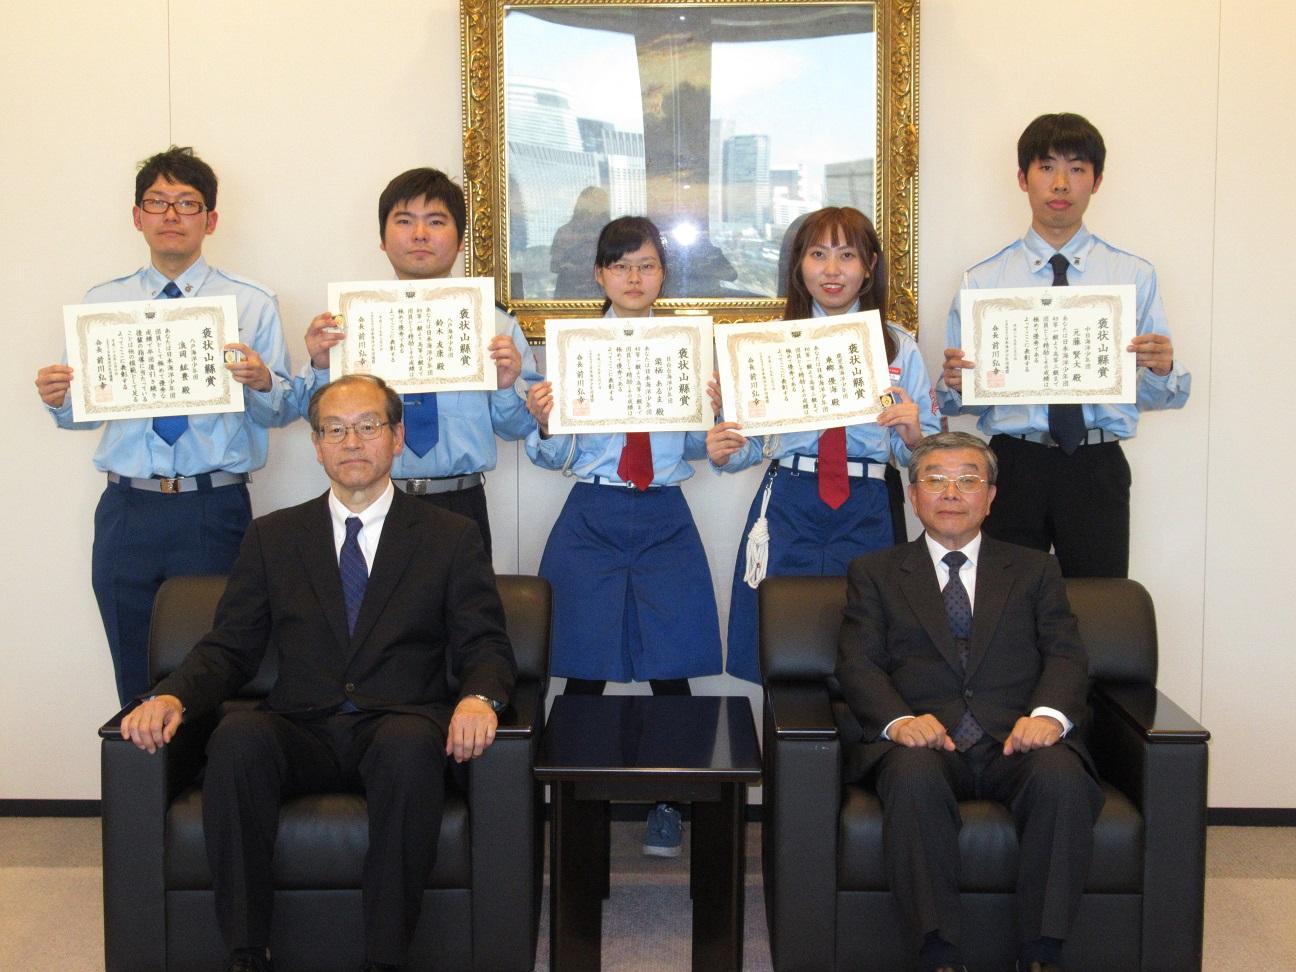 2016年度日本海洋少年団連盟「褒状山縣賞」表彰式